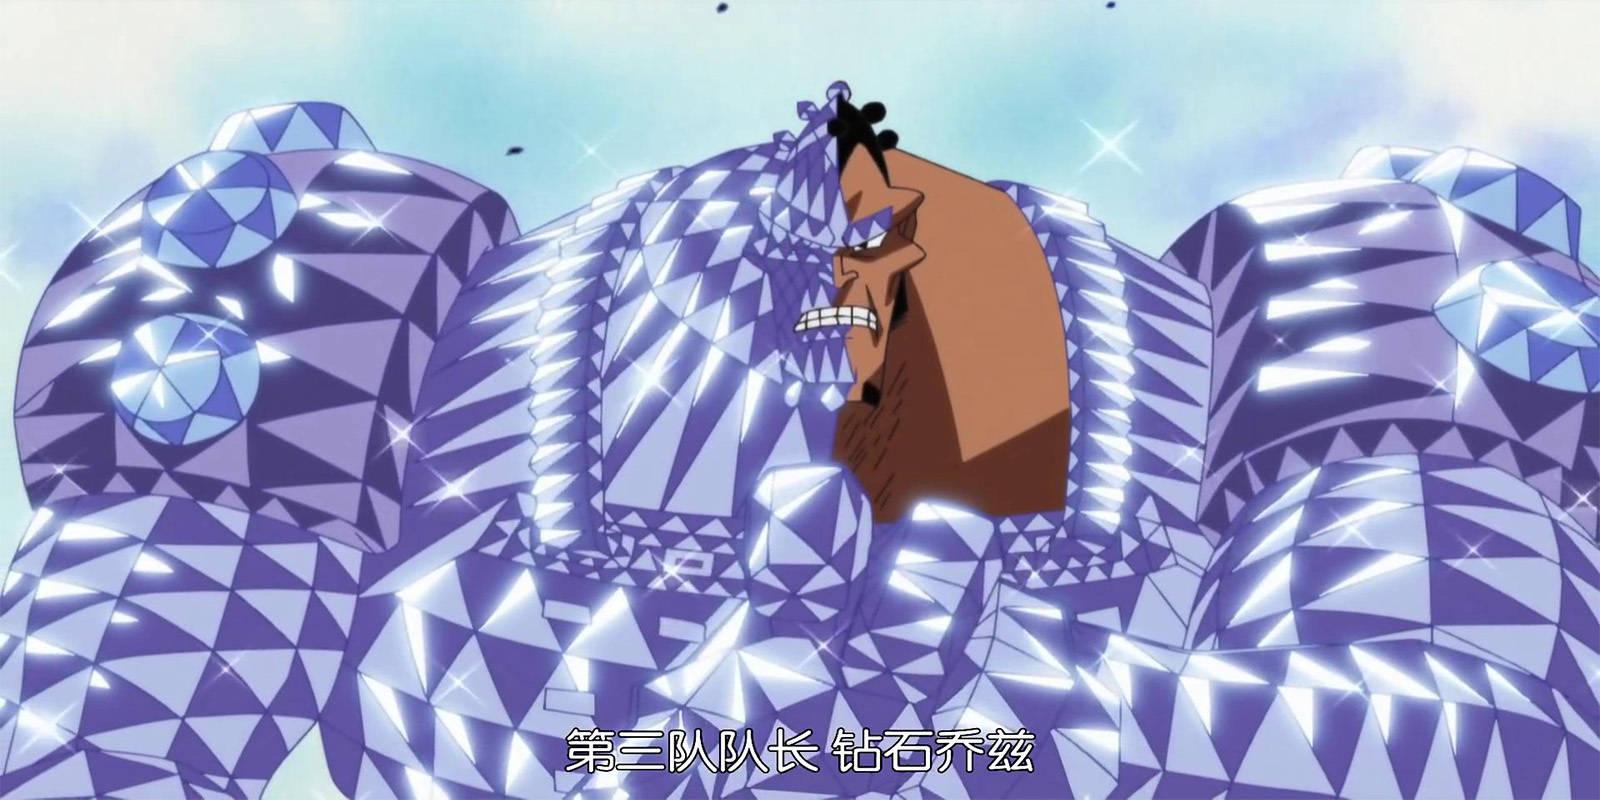 《海贼王》白胡子海贼团第三队长钻石乔兹即将登场?尾田或另有安排